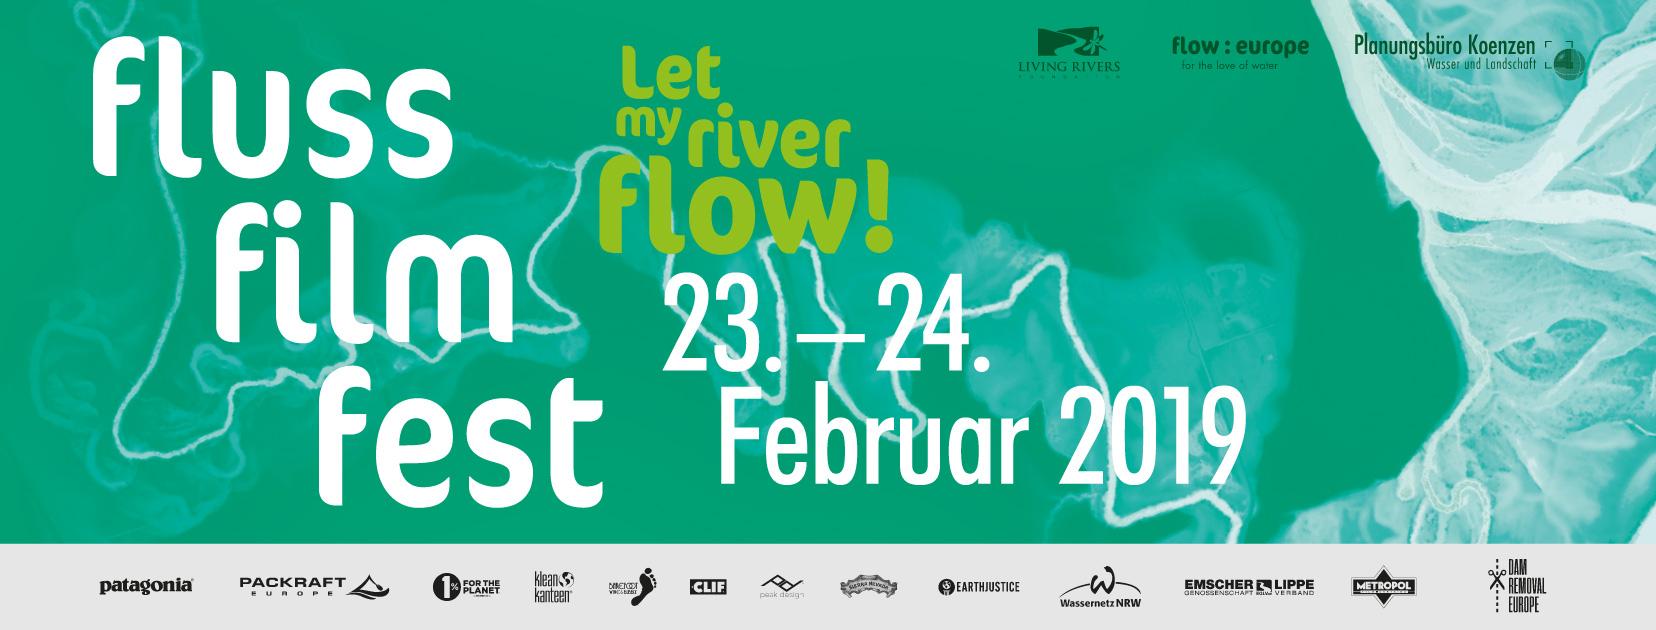 Fluss-Film-Fest 2019 Banner